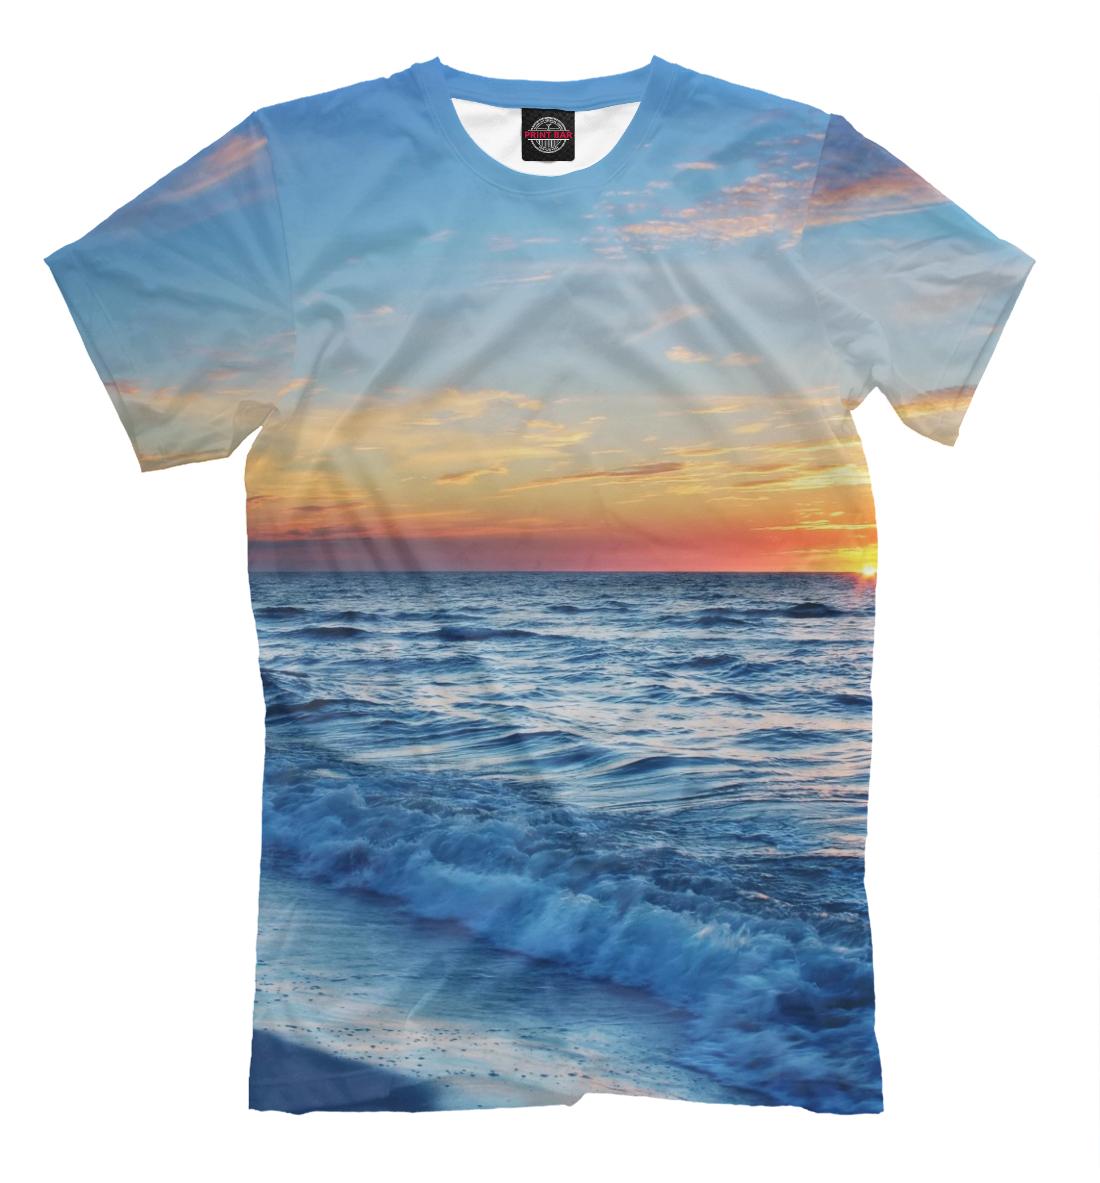 известности, которой футболки с фото моря что идёте